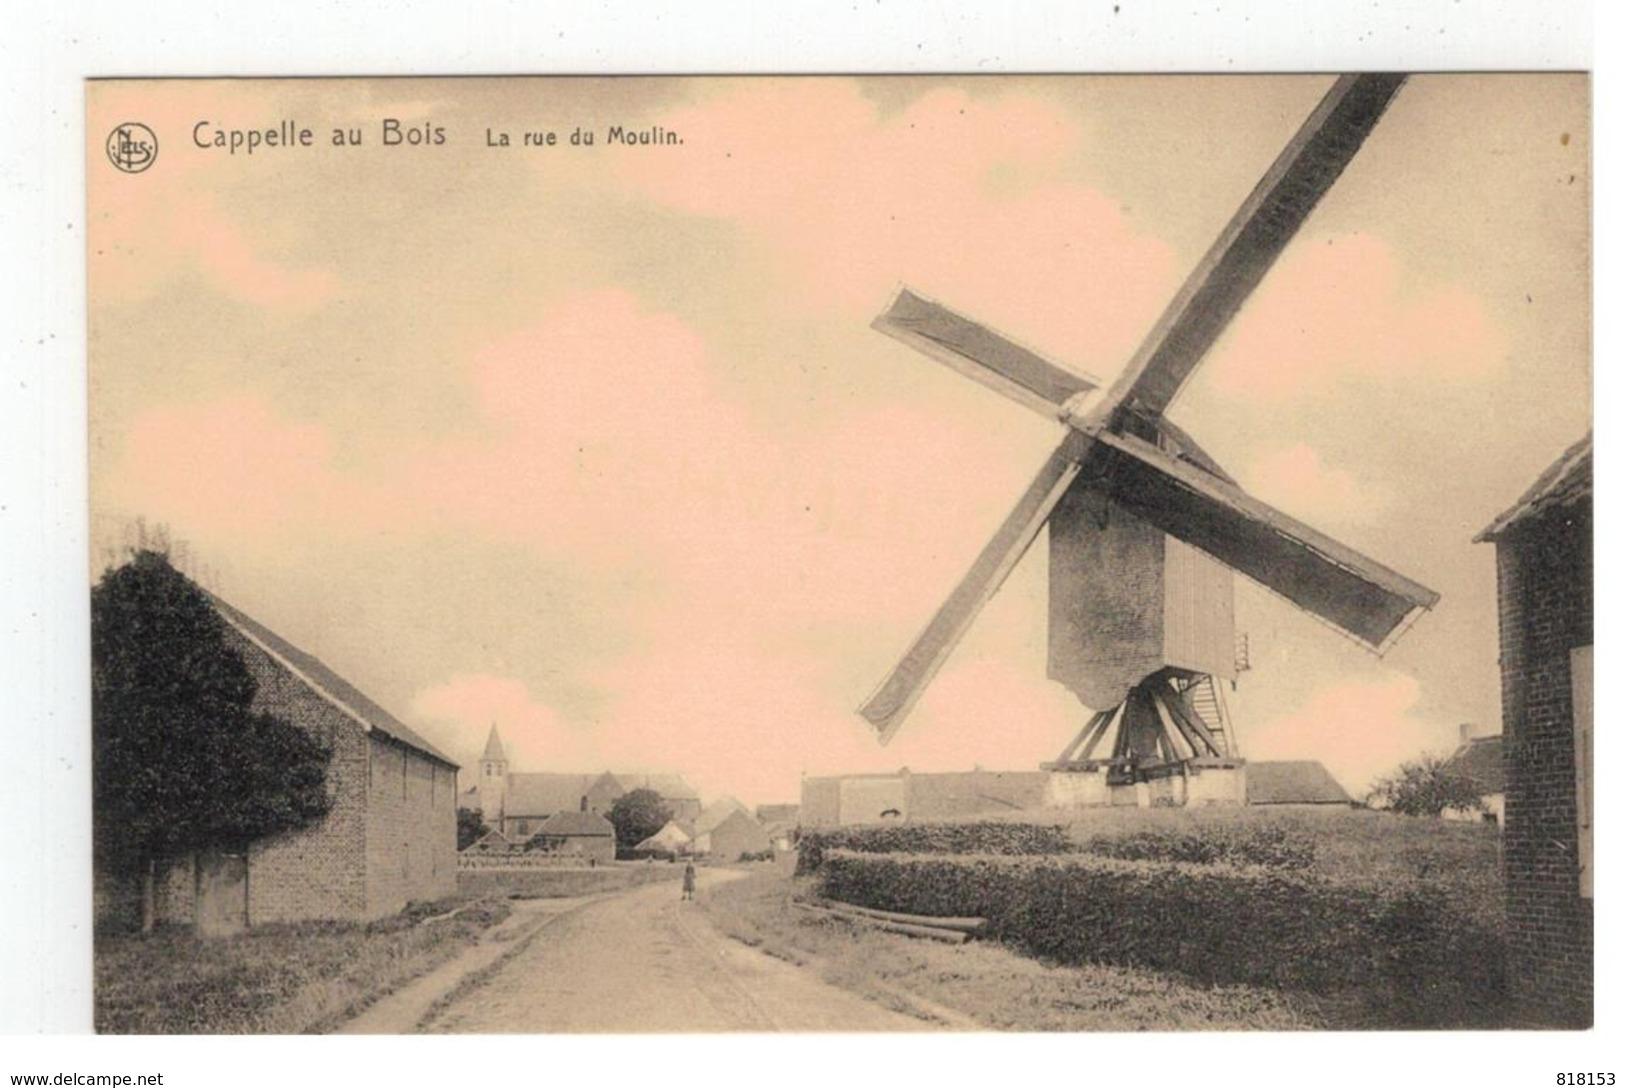 Kapelle-op-den-Bos  Capelle Au Bois  La Rue Du Moulin - Kapelle-op-den-Bos